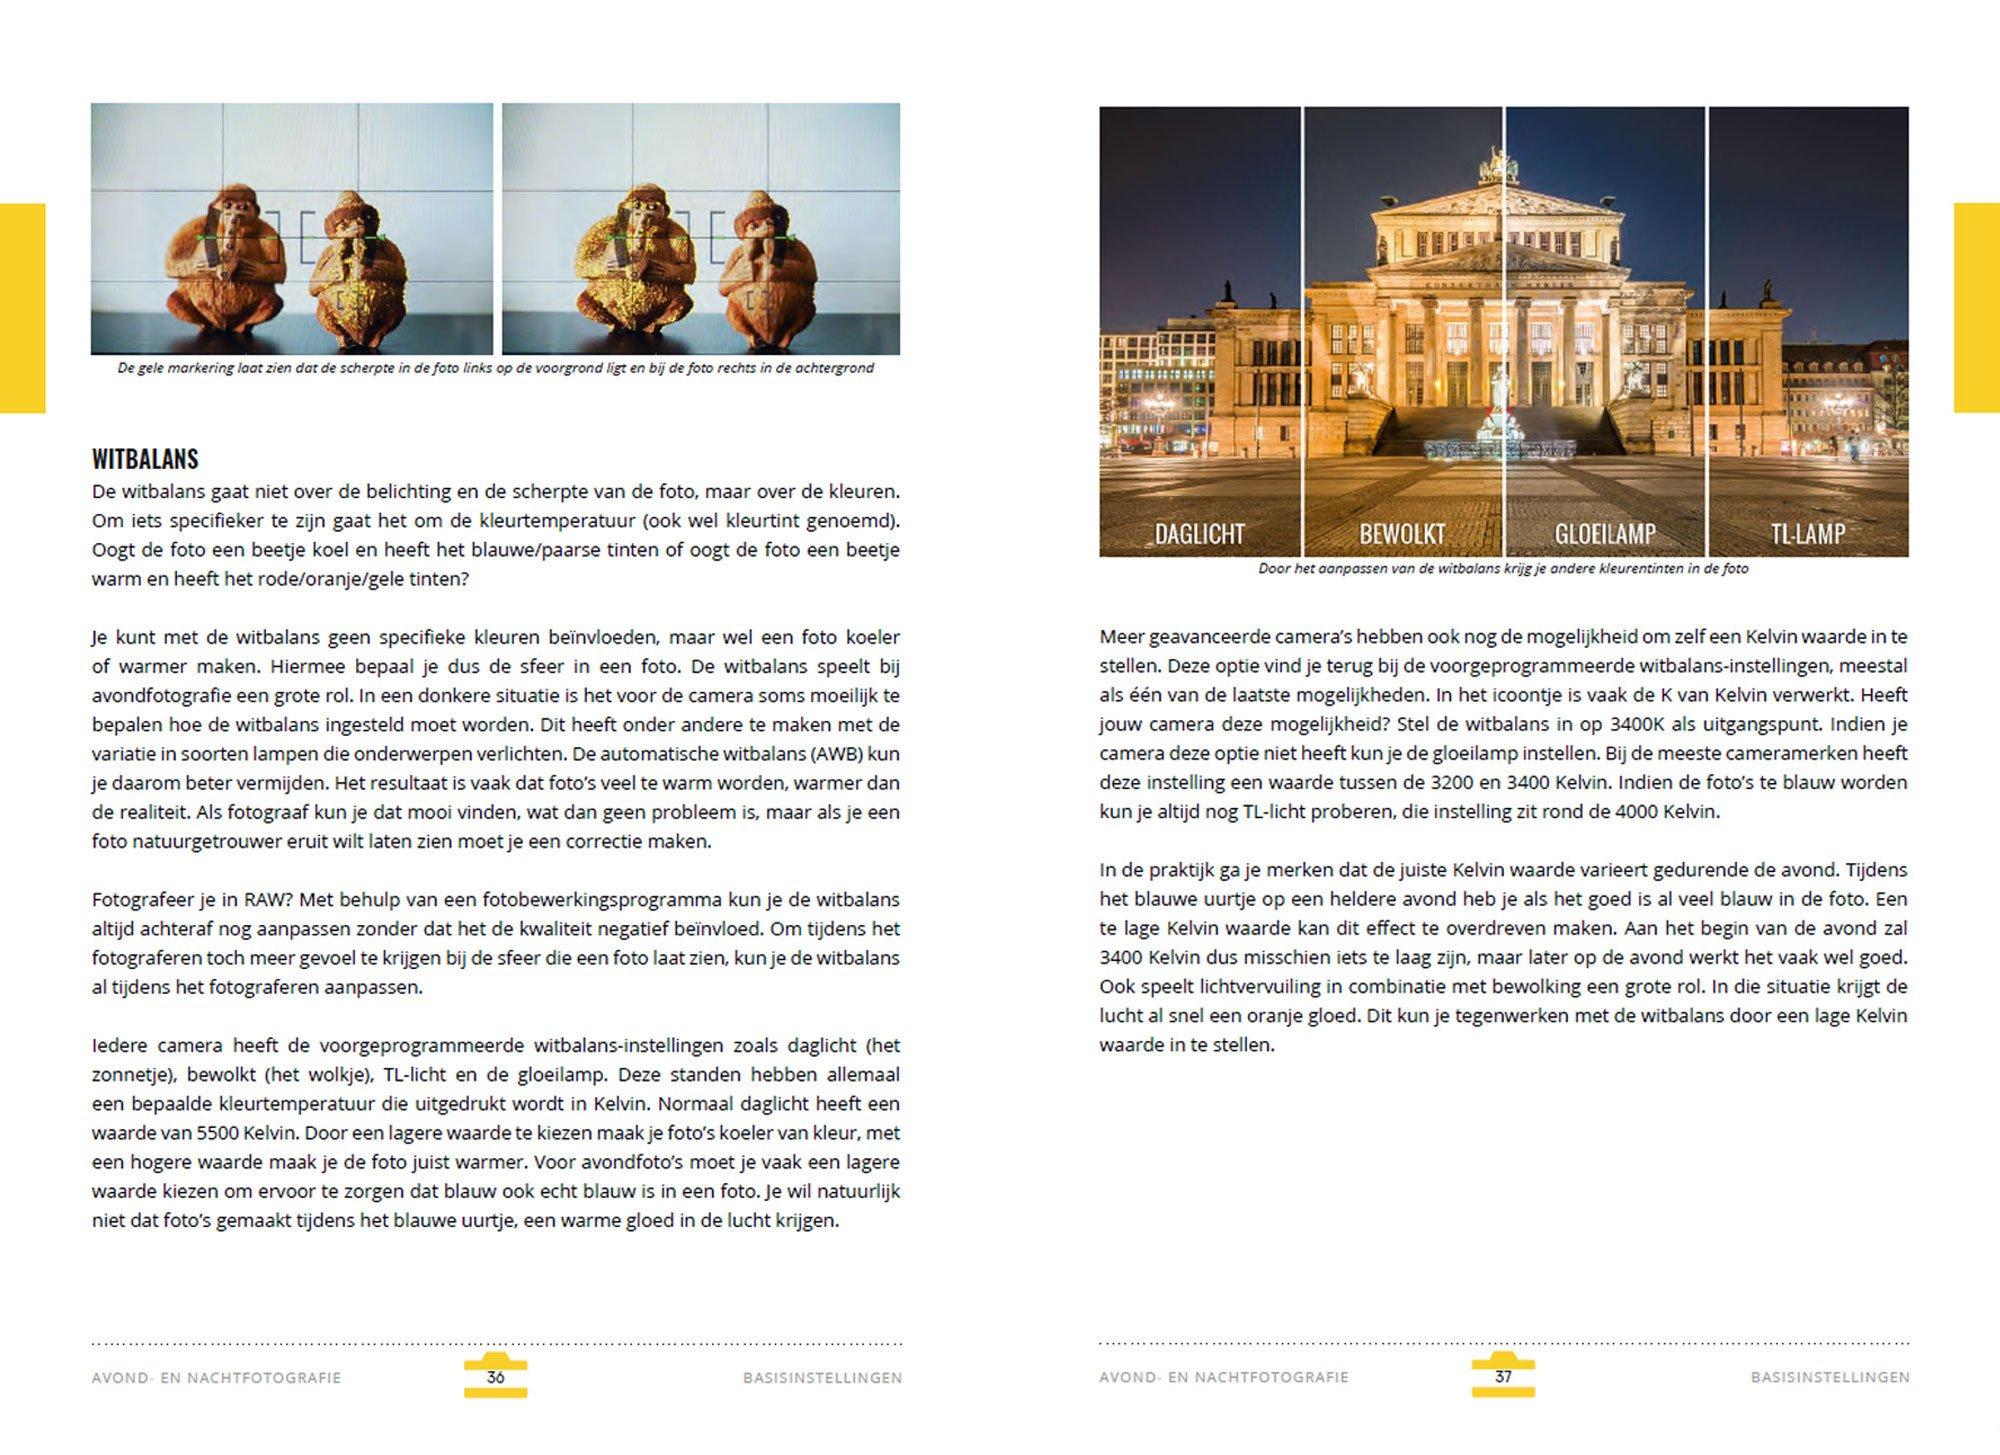 het avondfotografie handboek vol leerzame tips